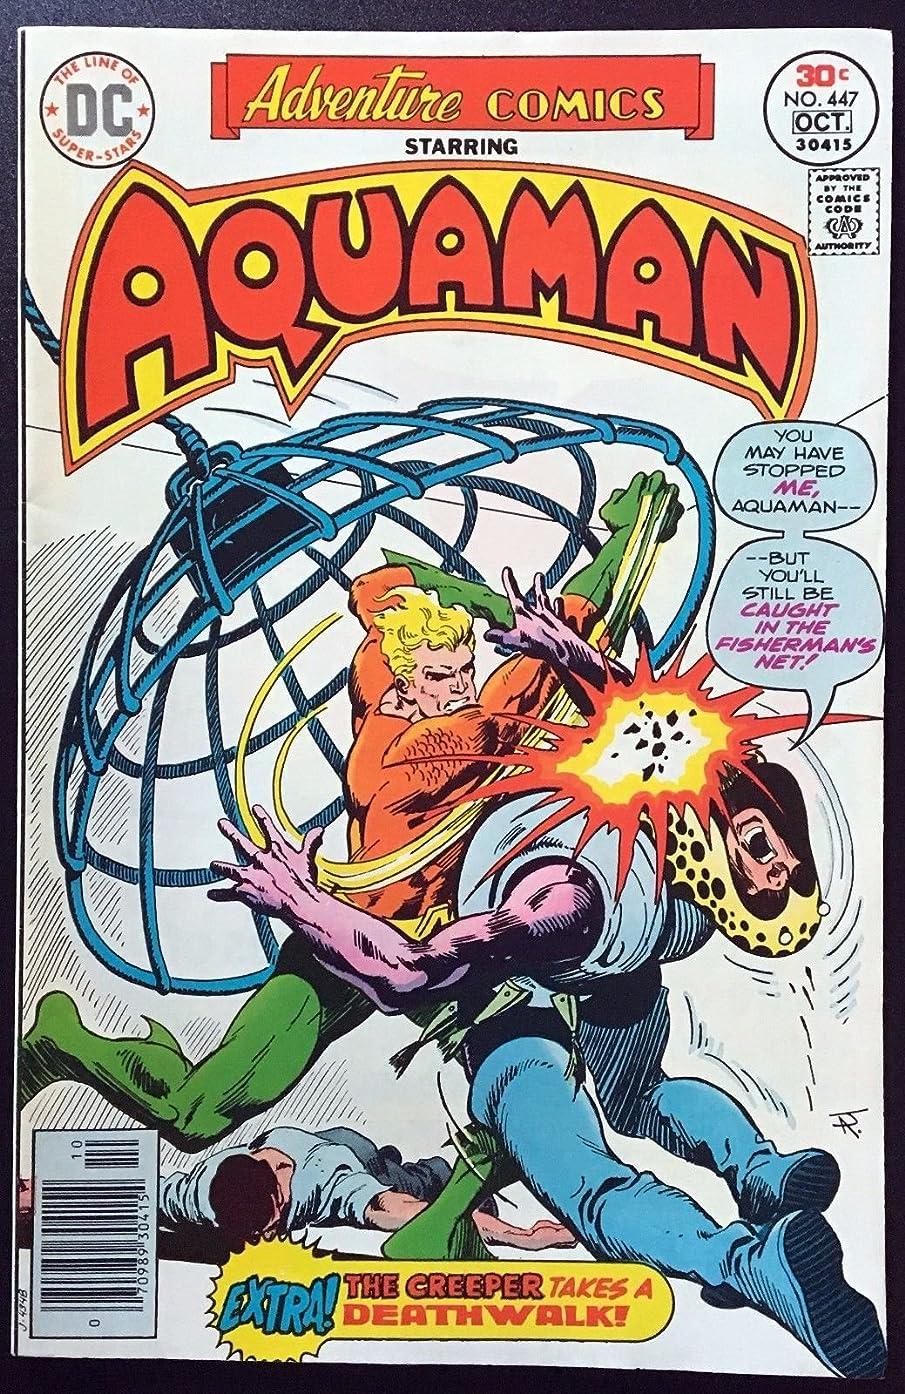 Adventure Comics (1938) #447 VF (8.0) featuring Aquaman Jim Aparo art